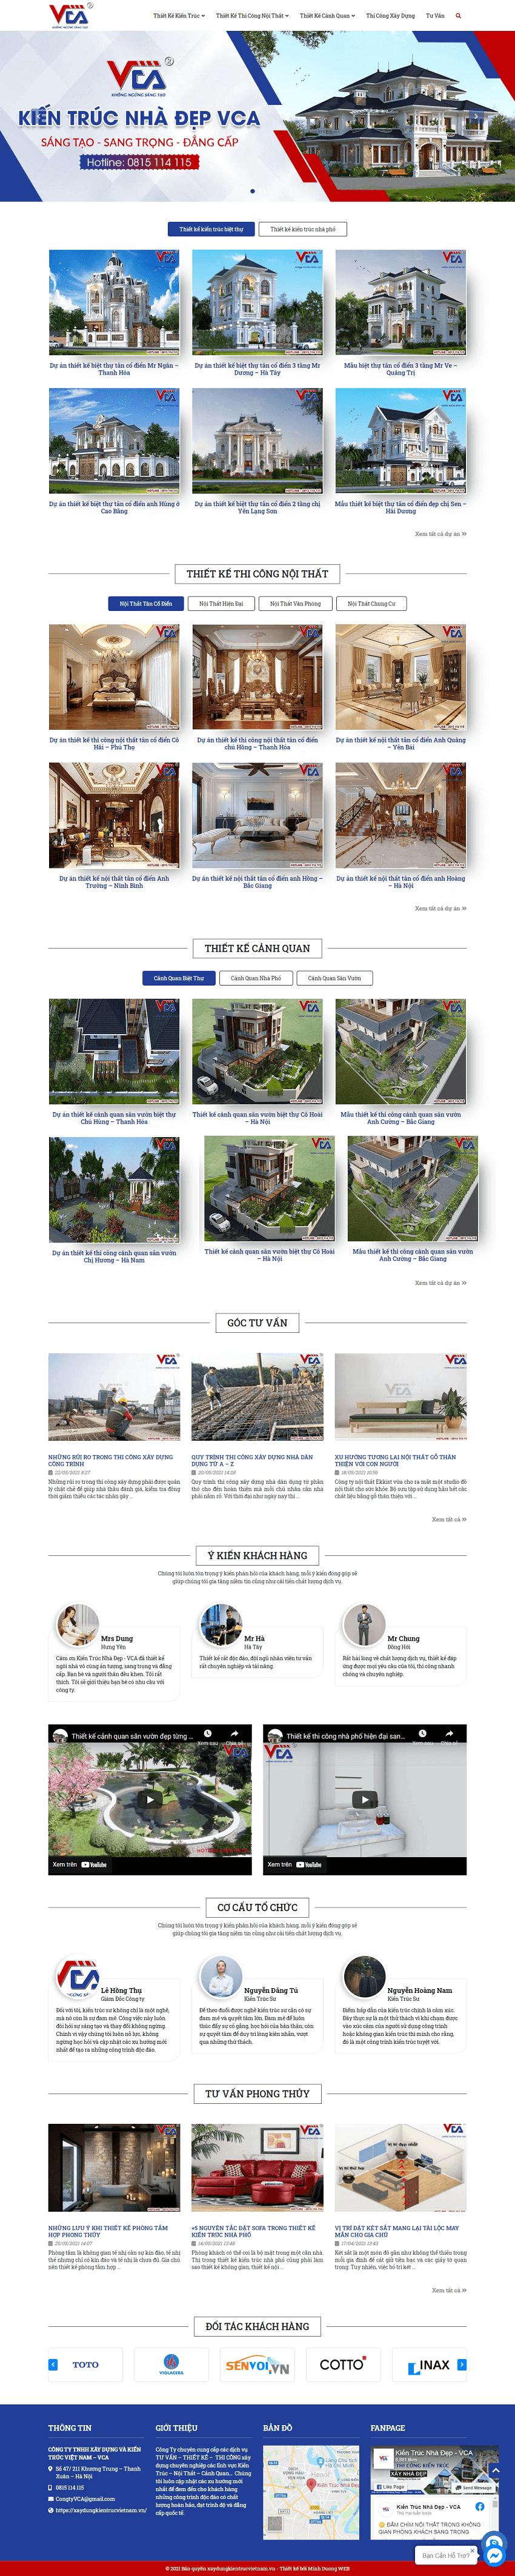 Web kiến trúc VCA